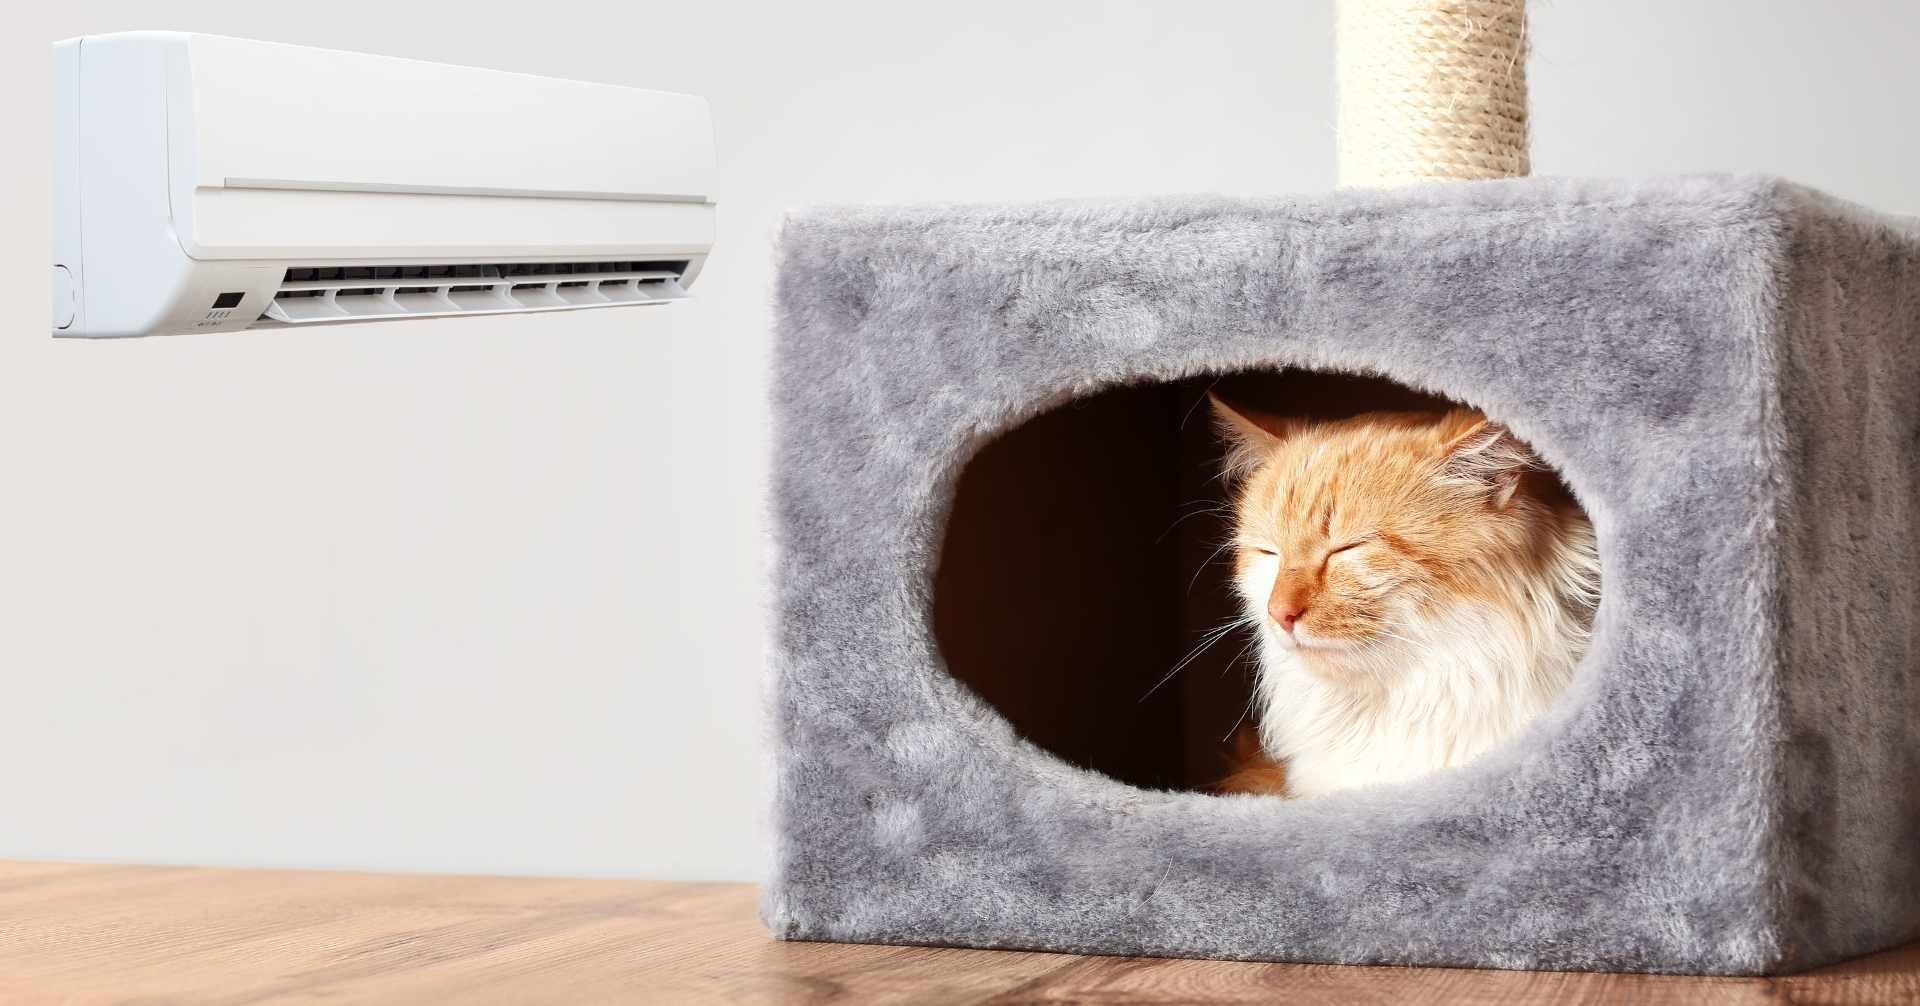 【夏のシーズン到来!】留守番時の猫とエアコンについて【獣医師監修】